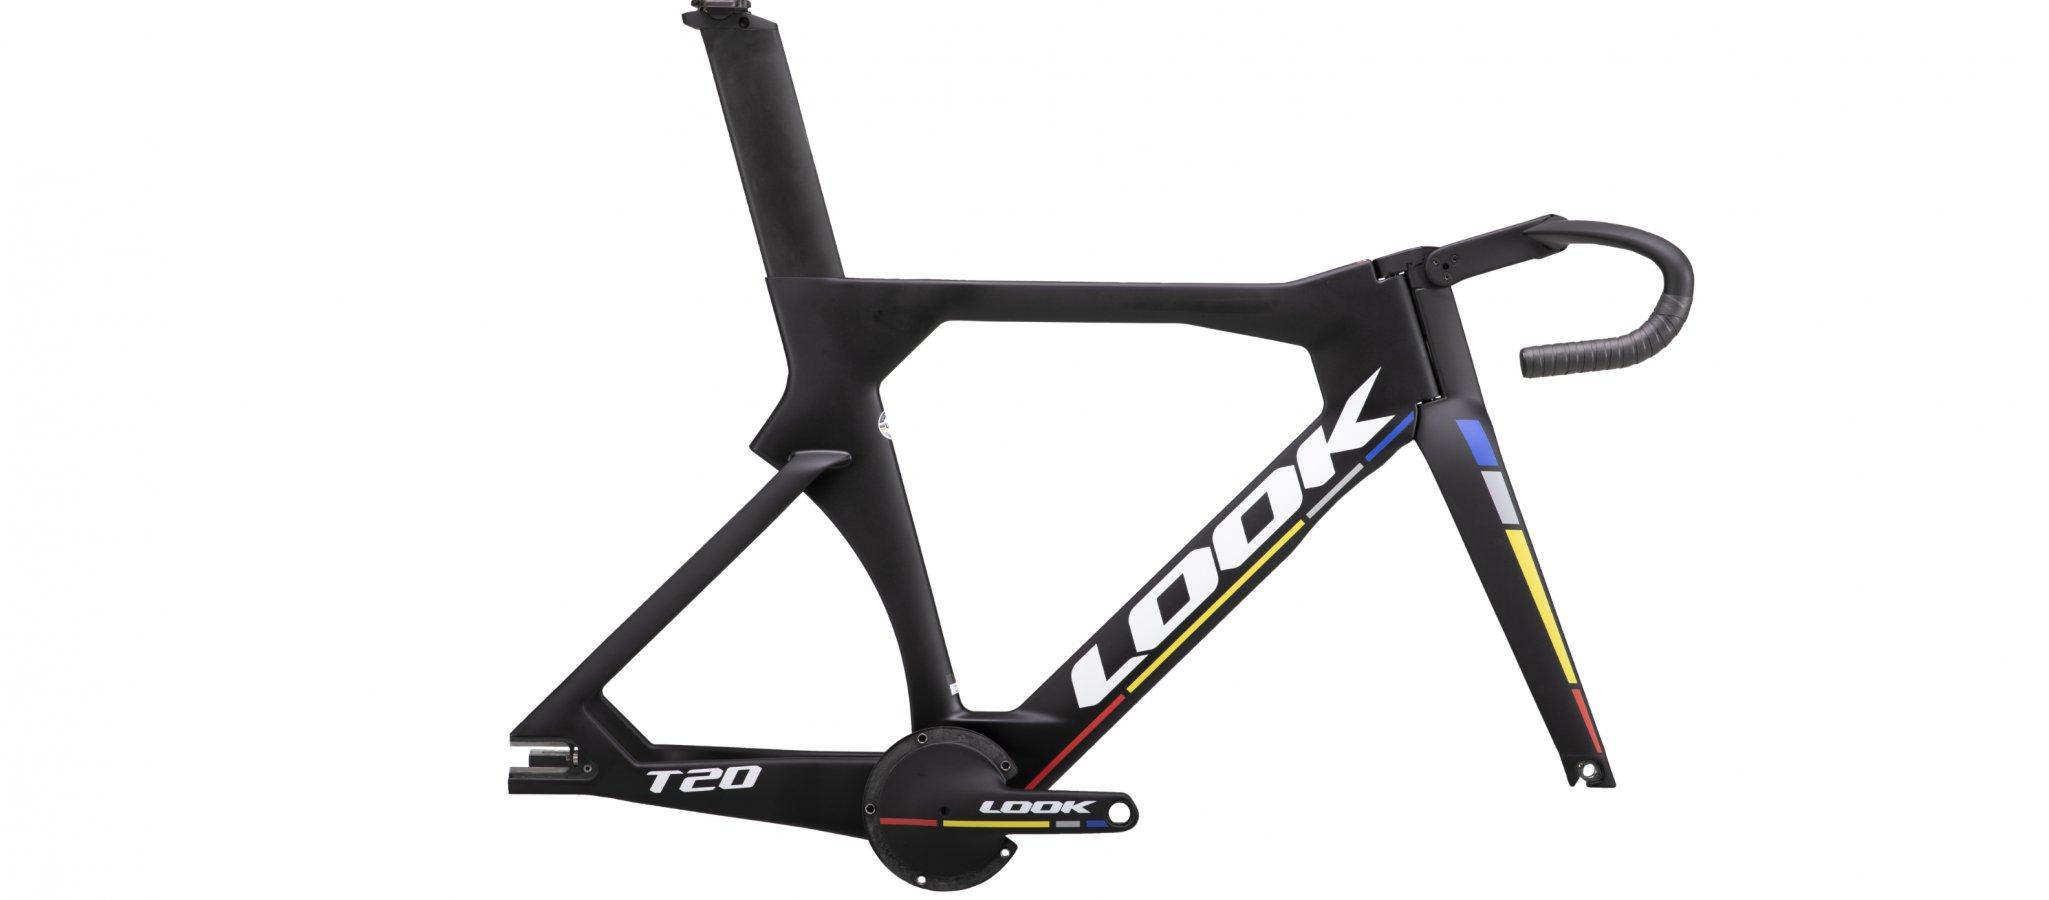 t20-speed-version